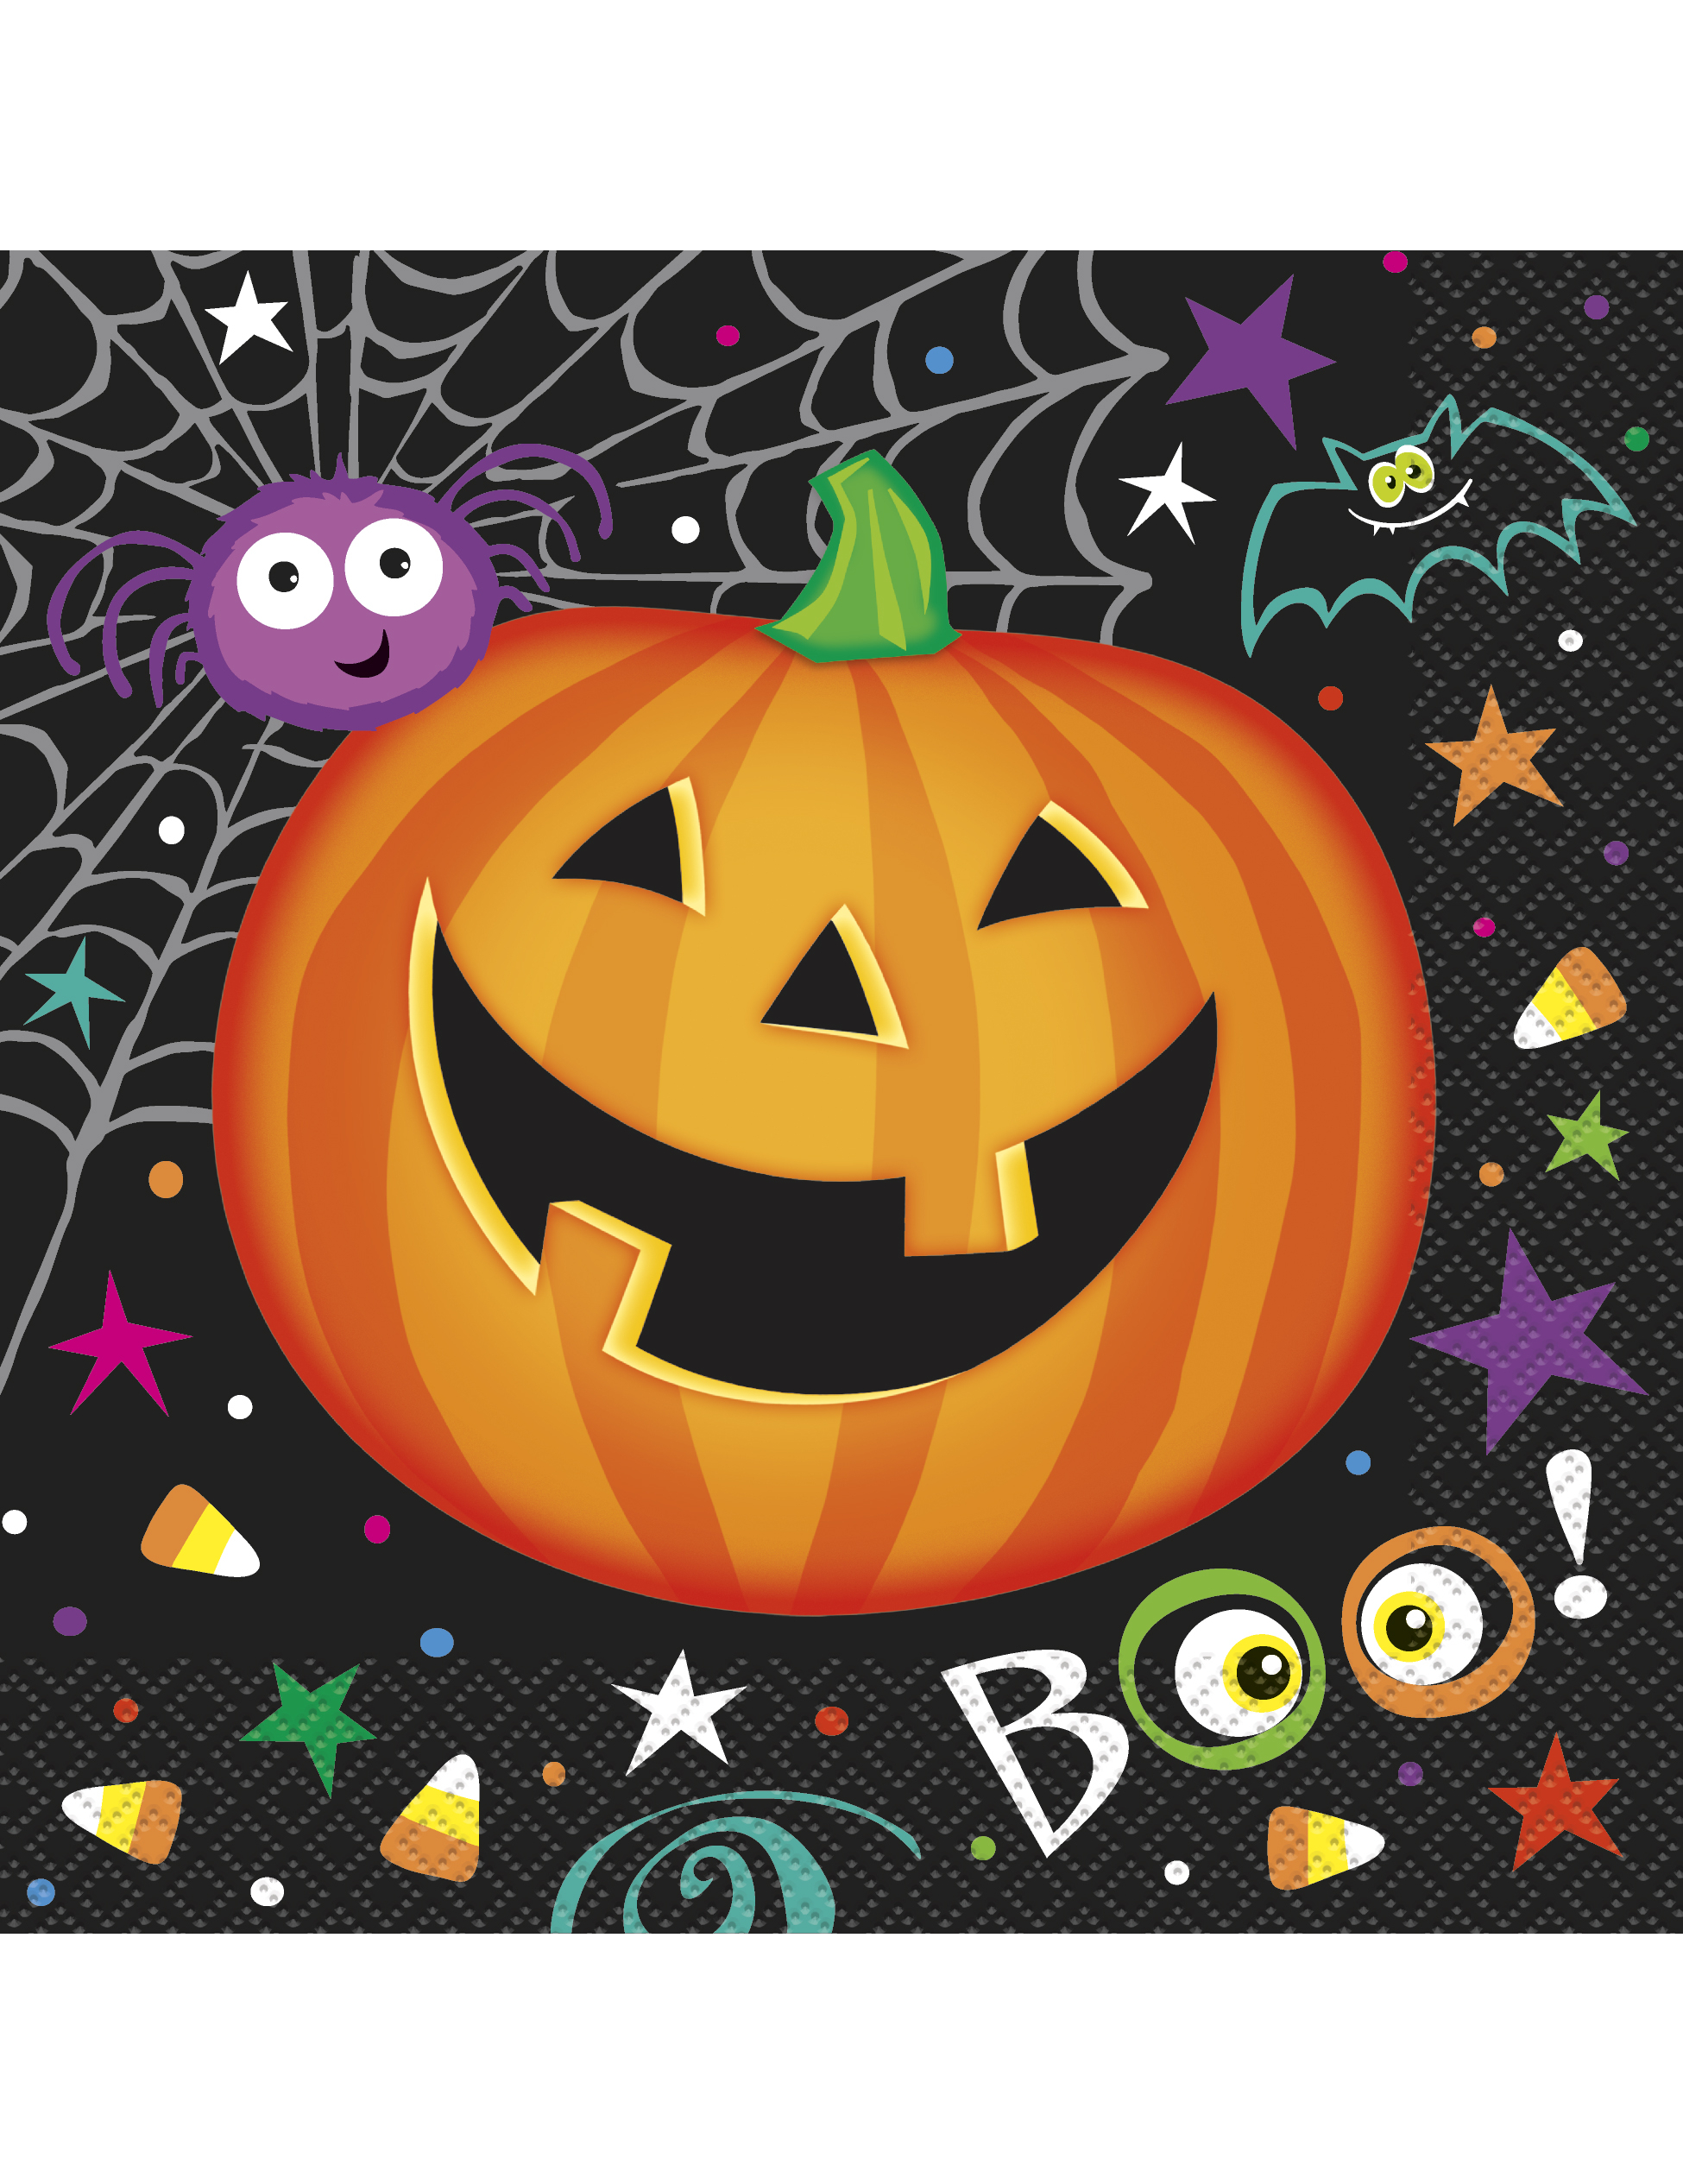 16 tovaglioli di carta zucca halloween addobbi e vestiti - Tovaglioli di carta decorati ...